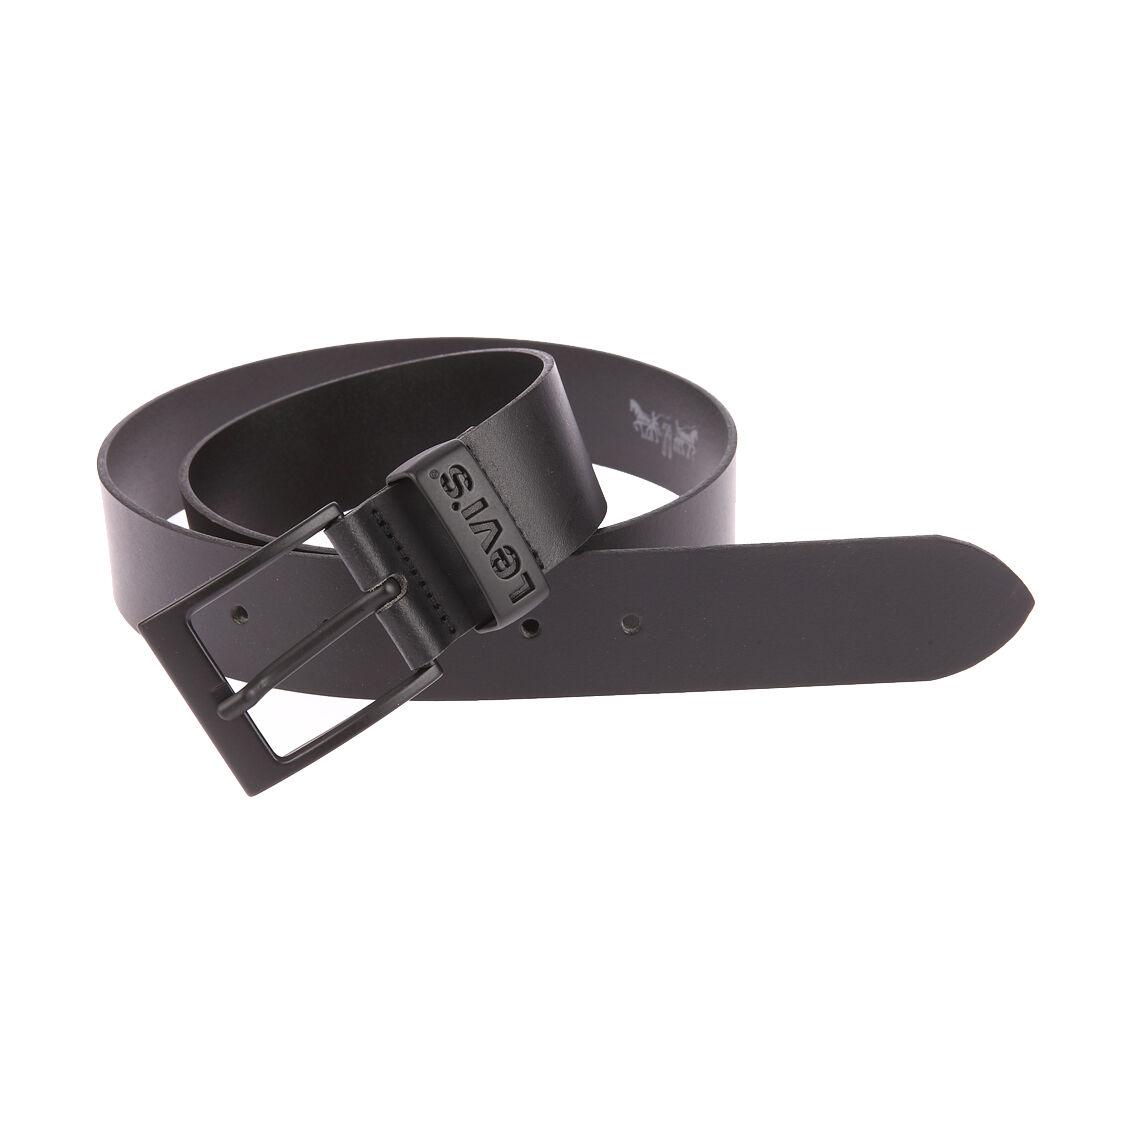 Levi's Accessoires Ceinture Levi's Ashland Gun Metal noire à boucle noire - NOIR -